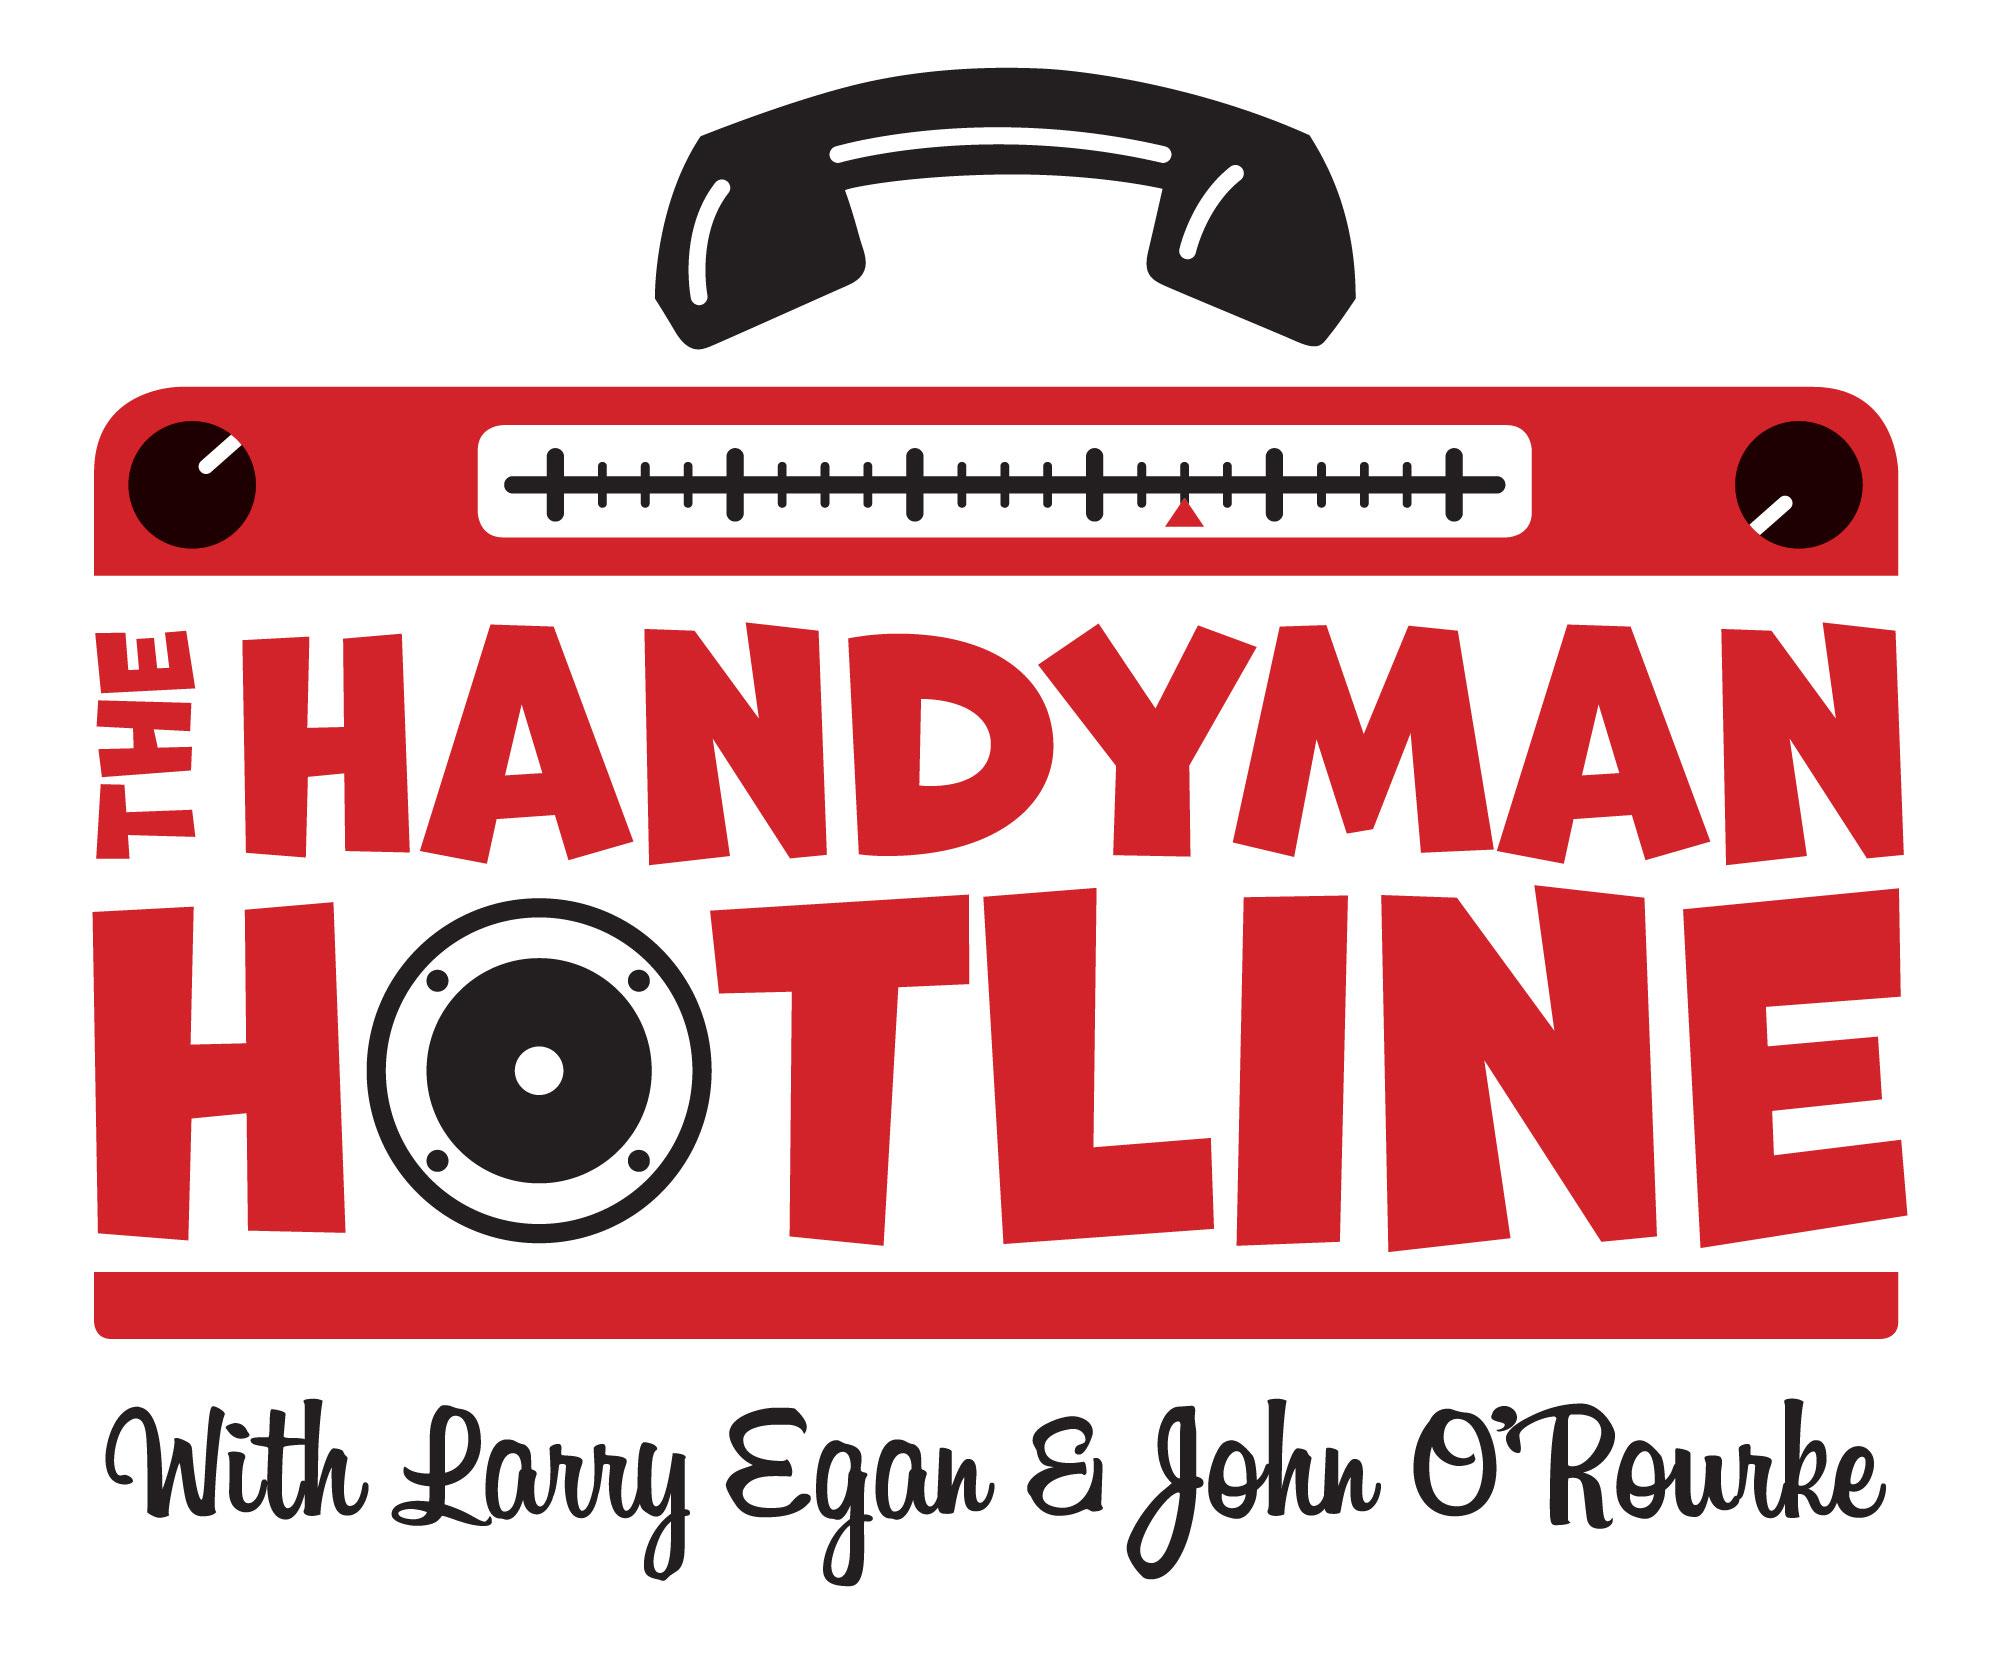 thehandymanhotline's podcast logo